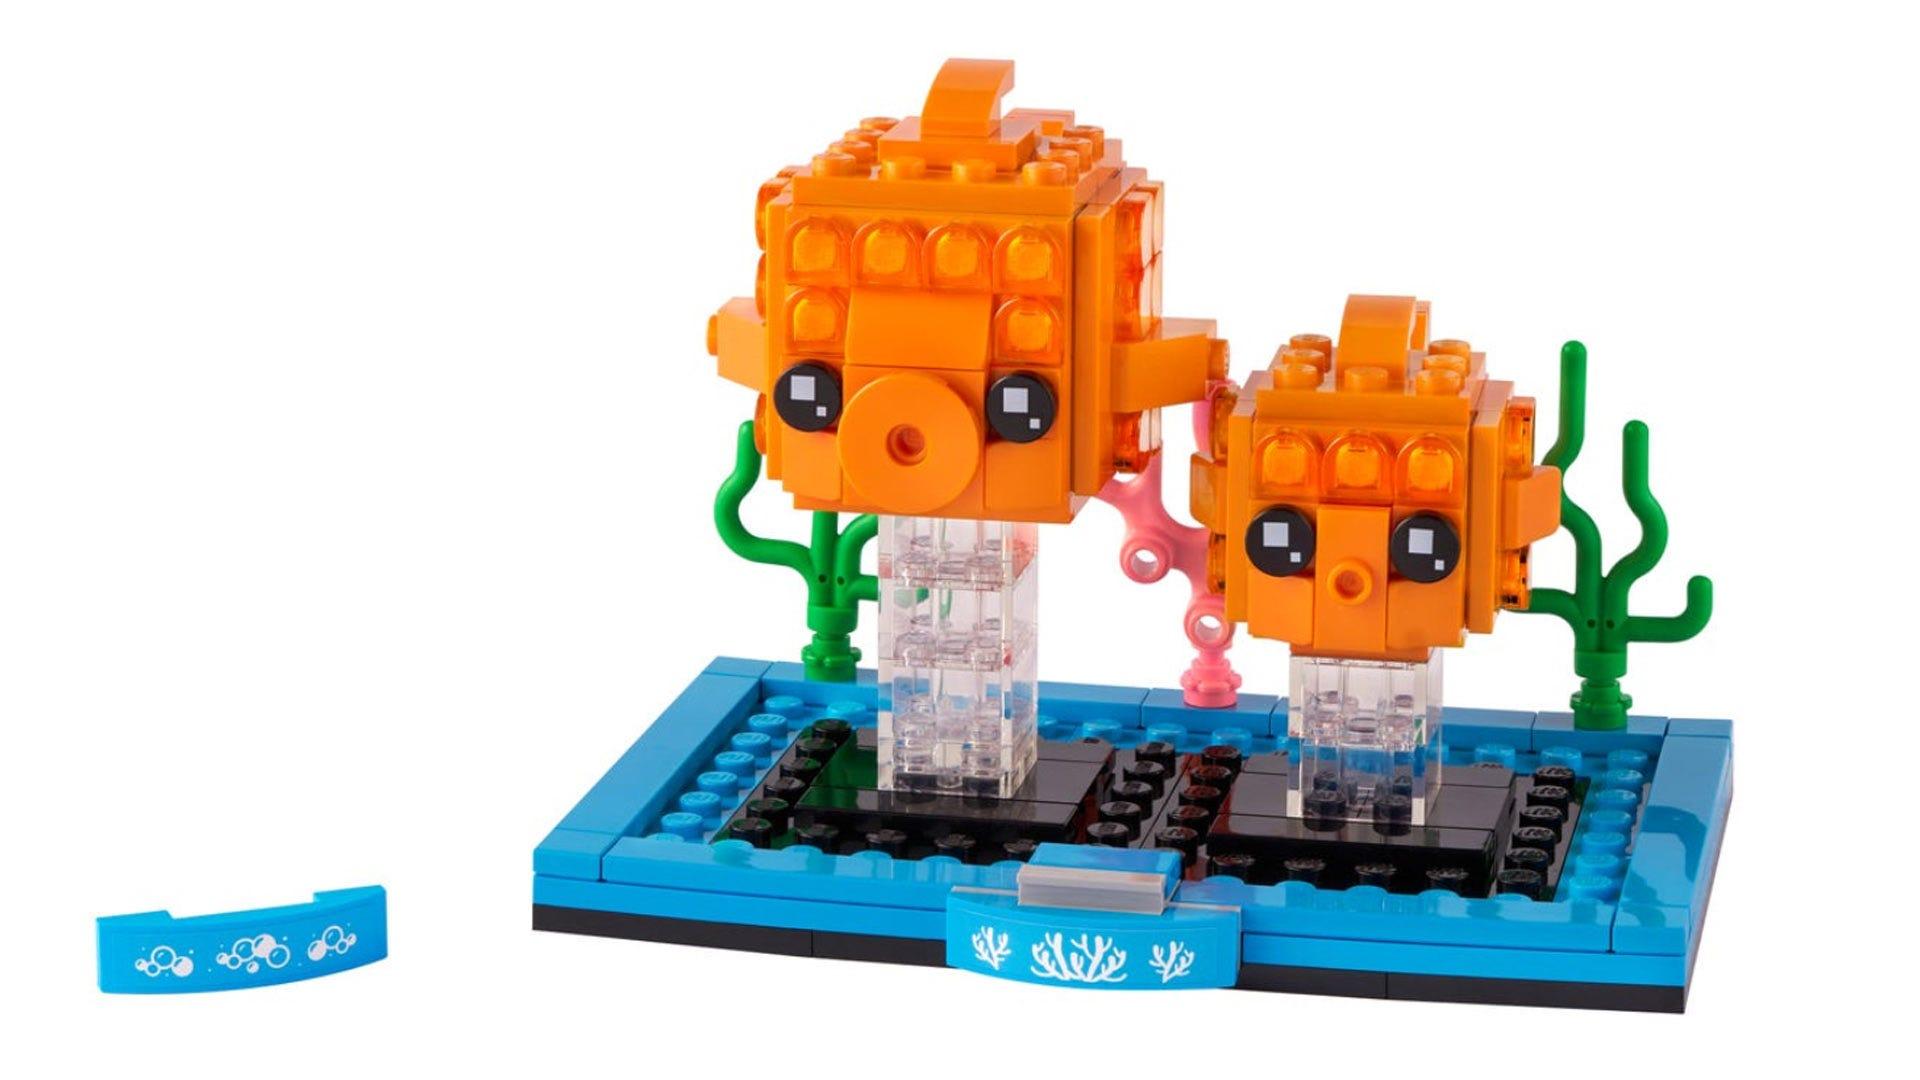 LEGO Brickheadz goldfish